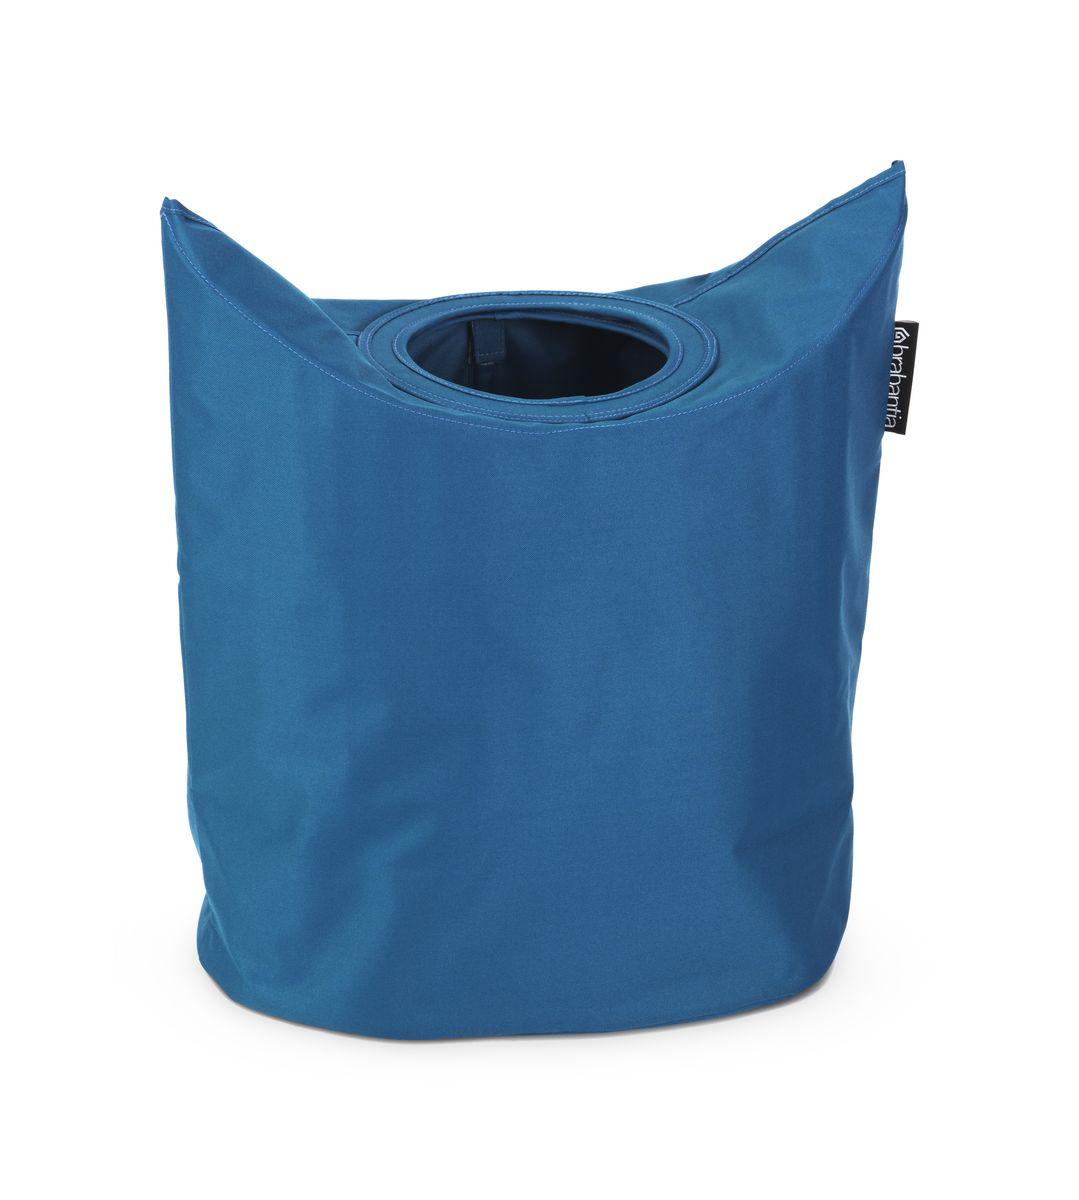 Сумка для белья Brabantia, цвет: синий. 10248616740760_фиолетовый_фиолетовыйОригинальная сумка для белья экономит место и превращает вашу стирку в увлекательное занятие. С помощью складывающихся магнитных ручек сумка закрывается и превращается в корзину для белья с загрузочным отверстием. Собрались стирать? Поднимите ручки, и ваша сумка готова к использованию. Загрузочное отверстие для быстрой загрузки белья – просто сложите магнитные ручки; Большие удобные ручки для переноски; Удобно загружать белье в стиральную машину – большая вместимость и широкое отверстие; 2 года гарантии Brabantia.